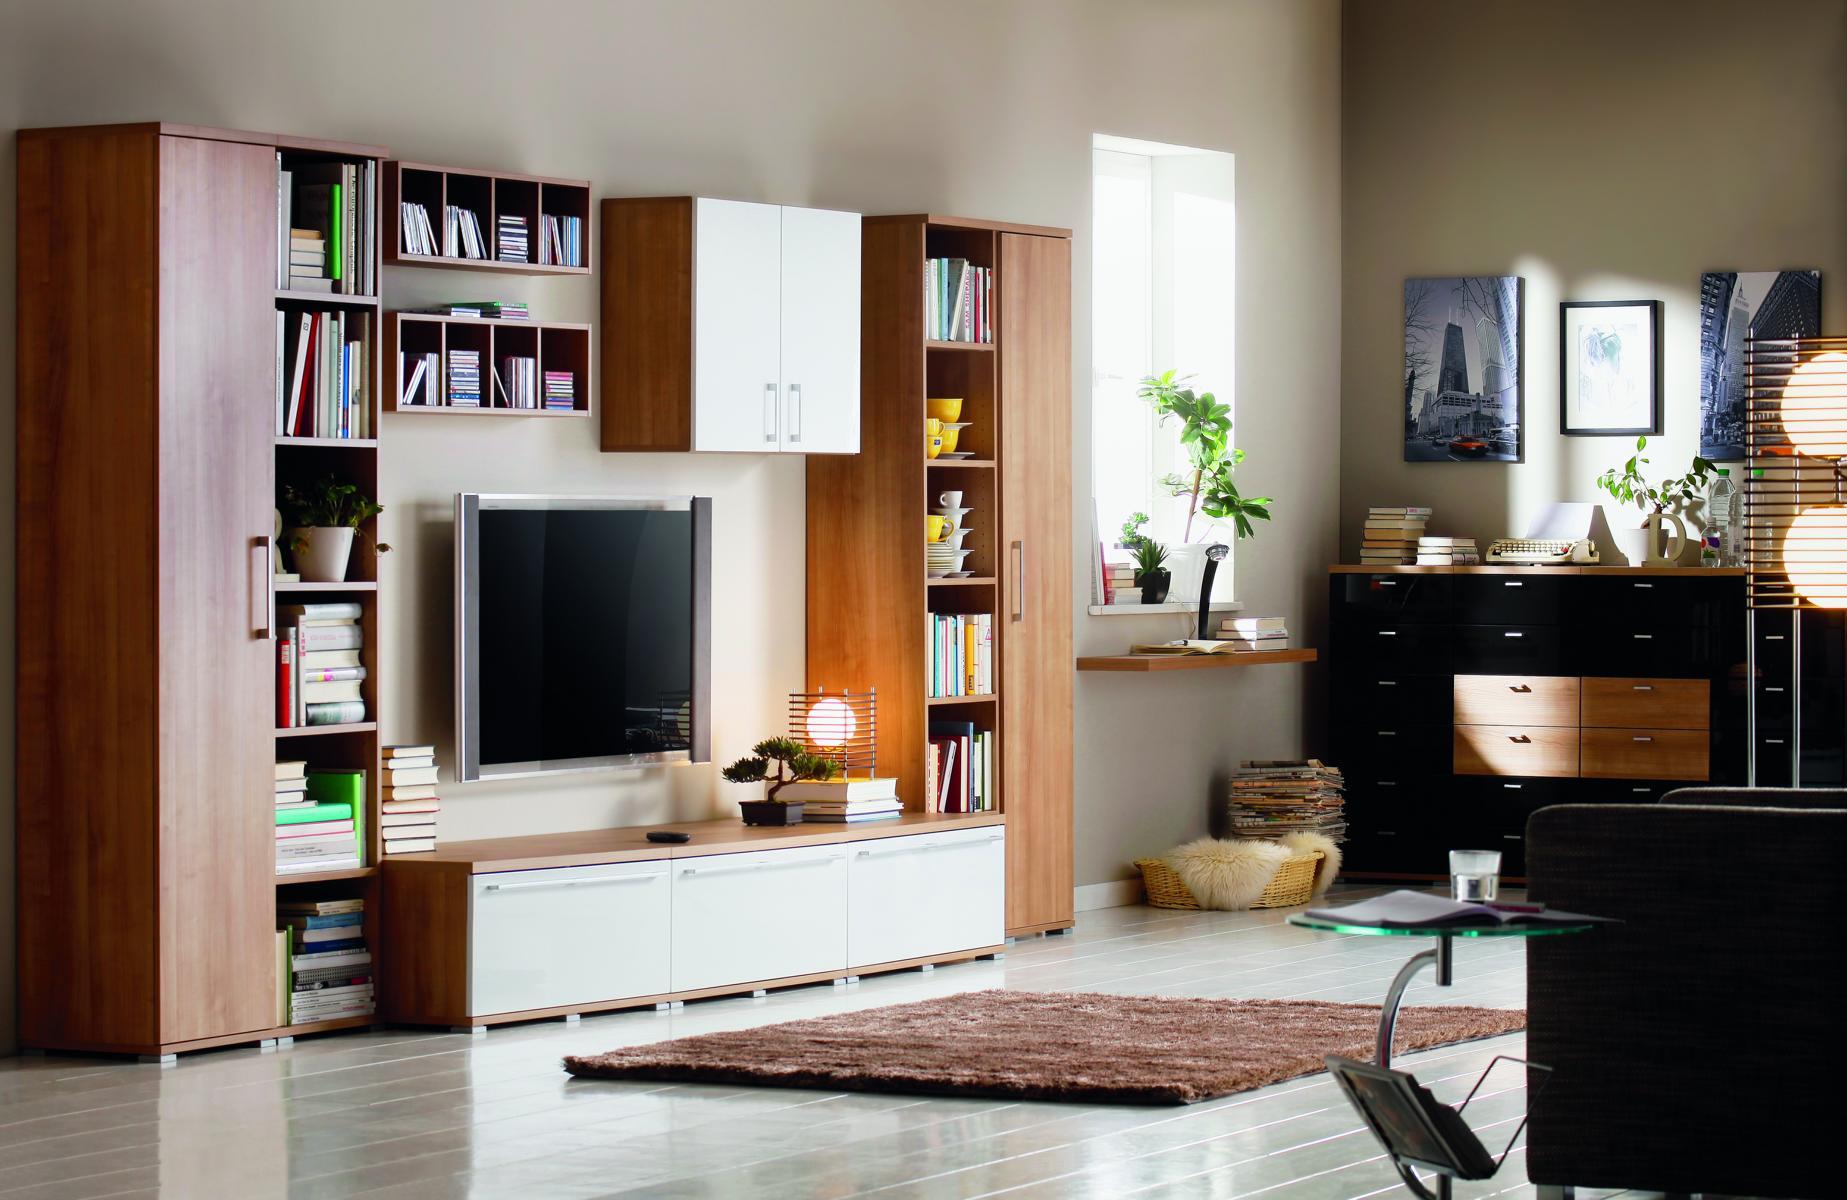 wohnwand rio art von cs schmal abverkaufm bel. Black Bedroom Furniture Sets. Home Design Ideas